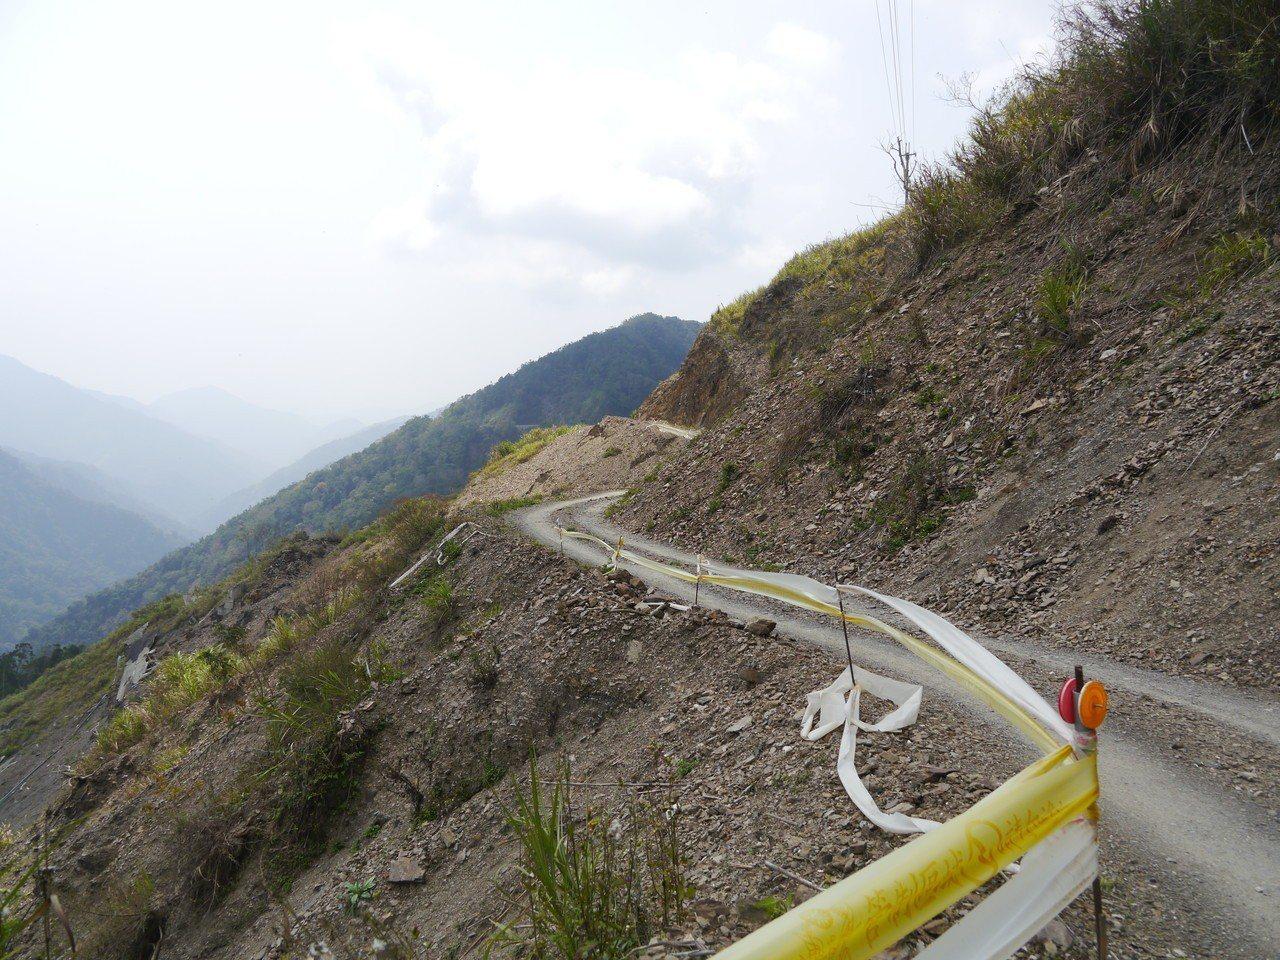 藤枝林道18公里至20公里園區入口路基嚴重崩塌,多年來仍持續發生坍方及地滑,便道...